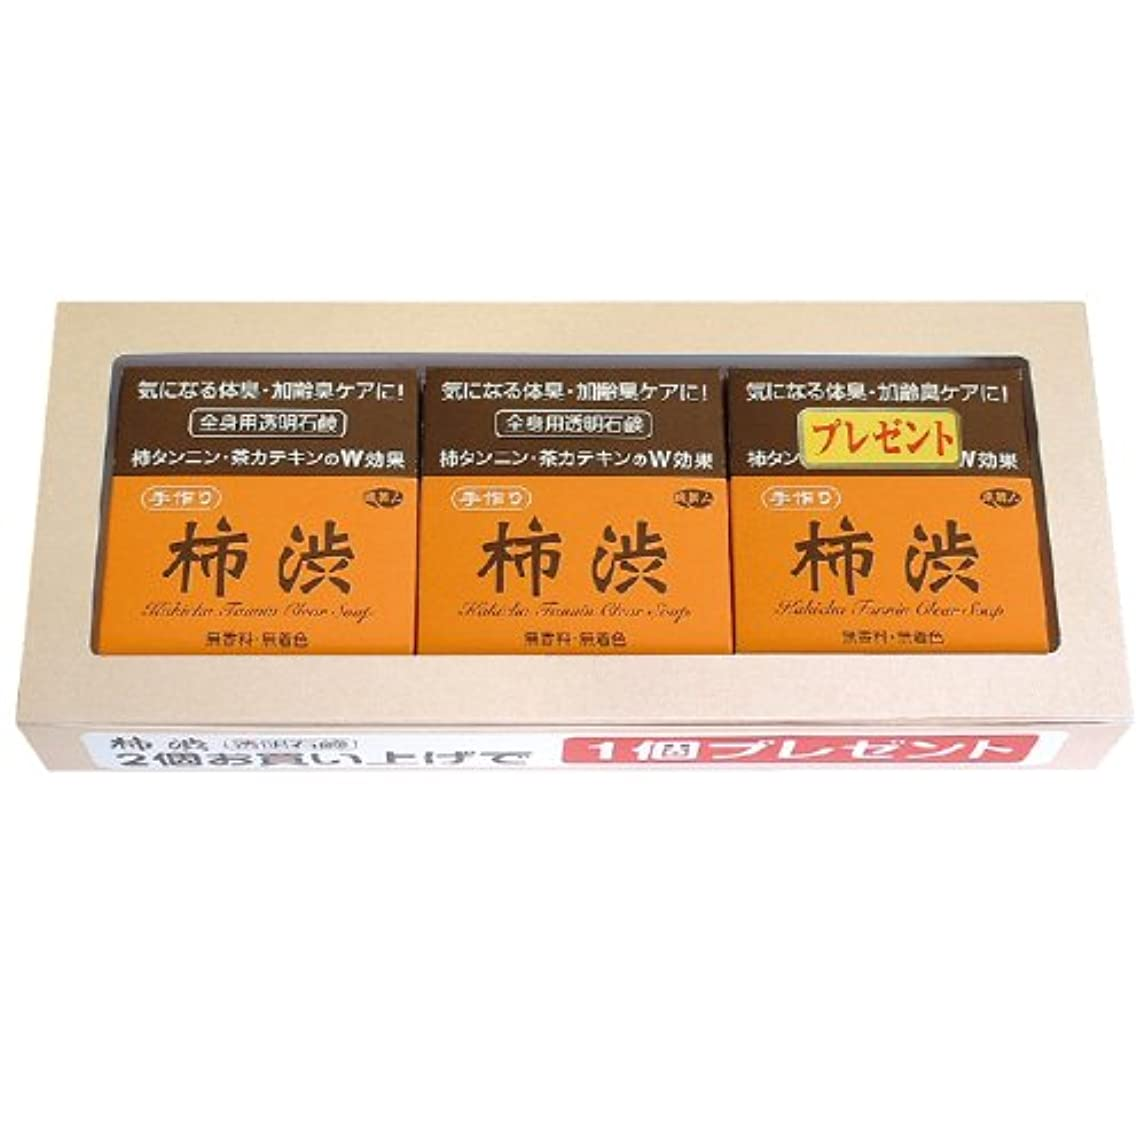 不快な幸運な硬化するアズマ商事の 柿渋透明石鹸 2個の値段で3個入りセット